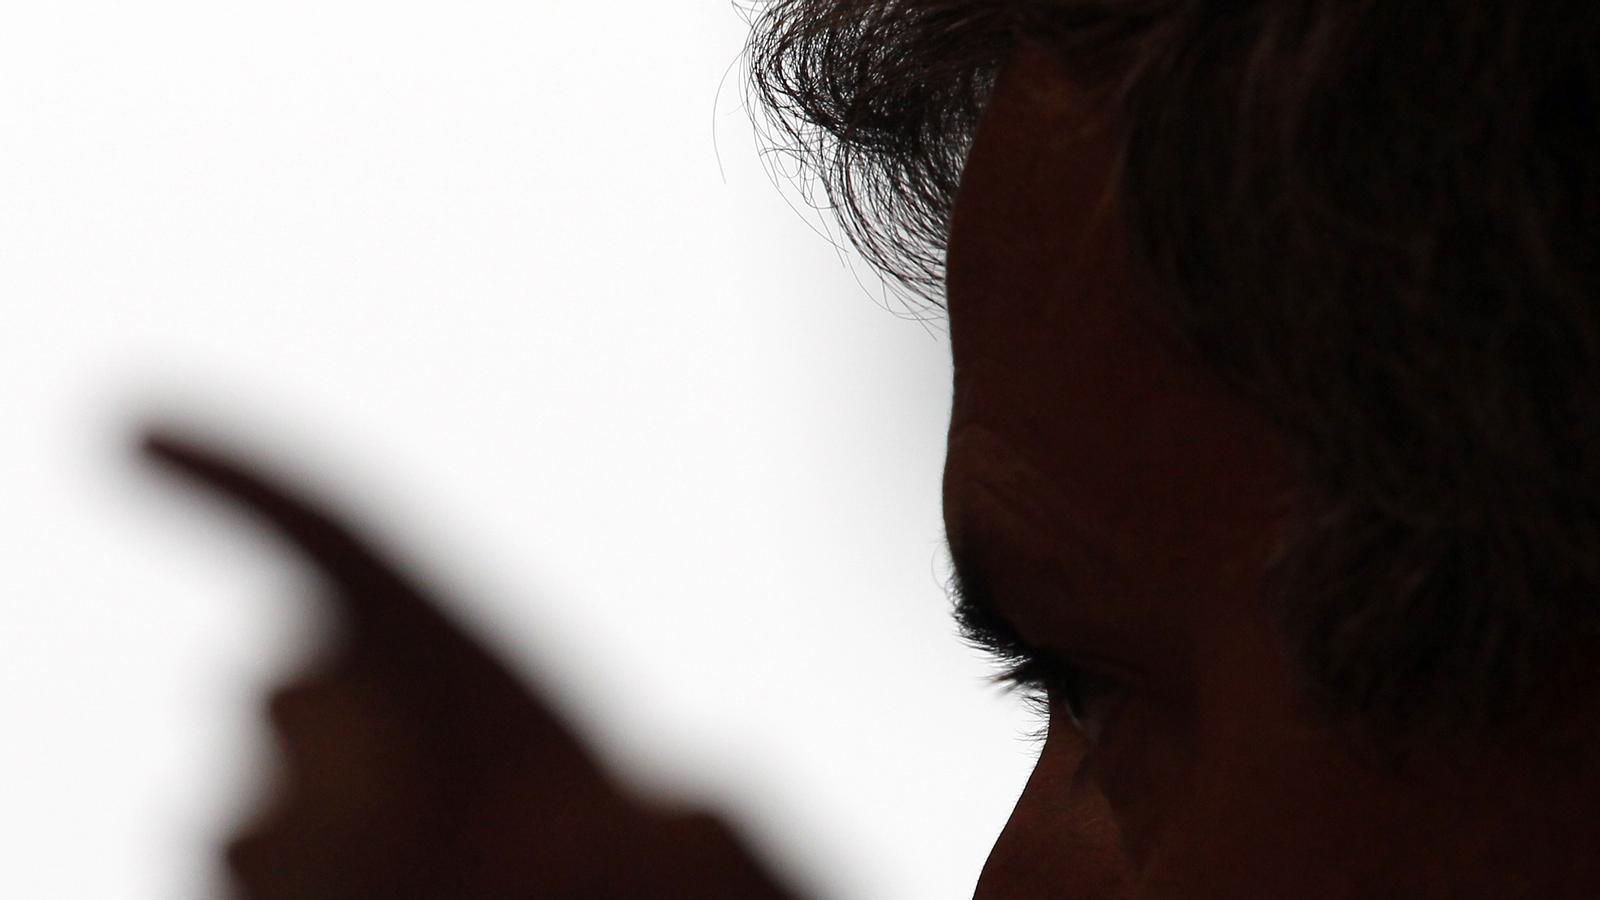 Realment la culpa de tot plegat és de José Mourinho? / SERGIO PÉREZ / REUTERS